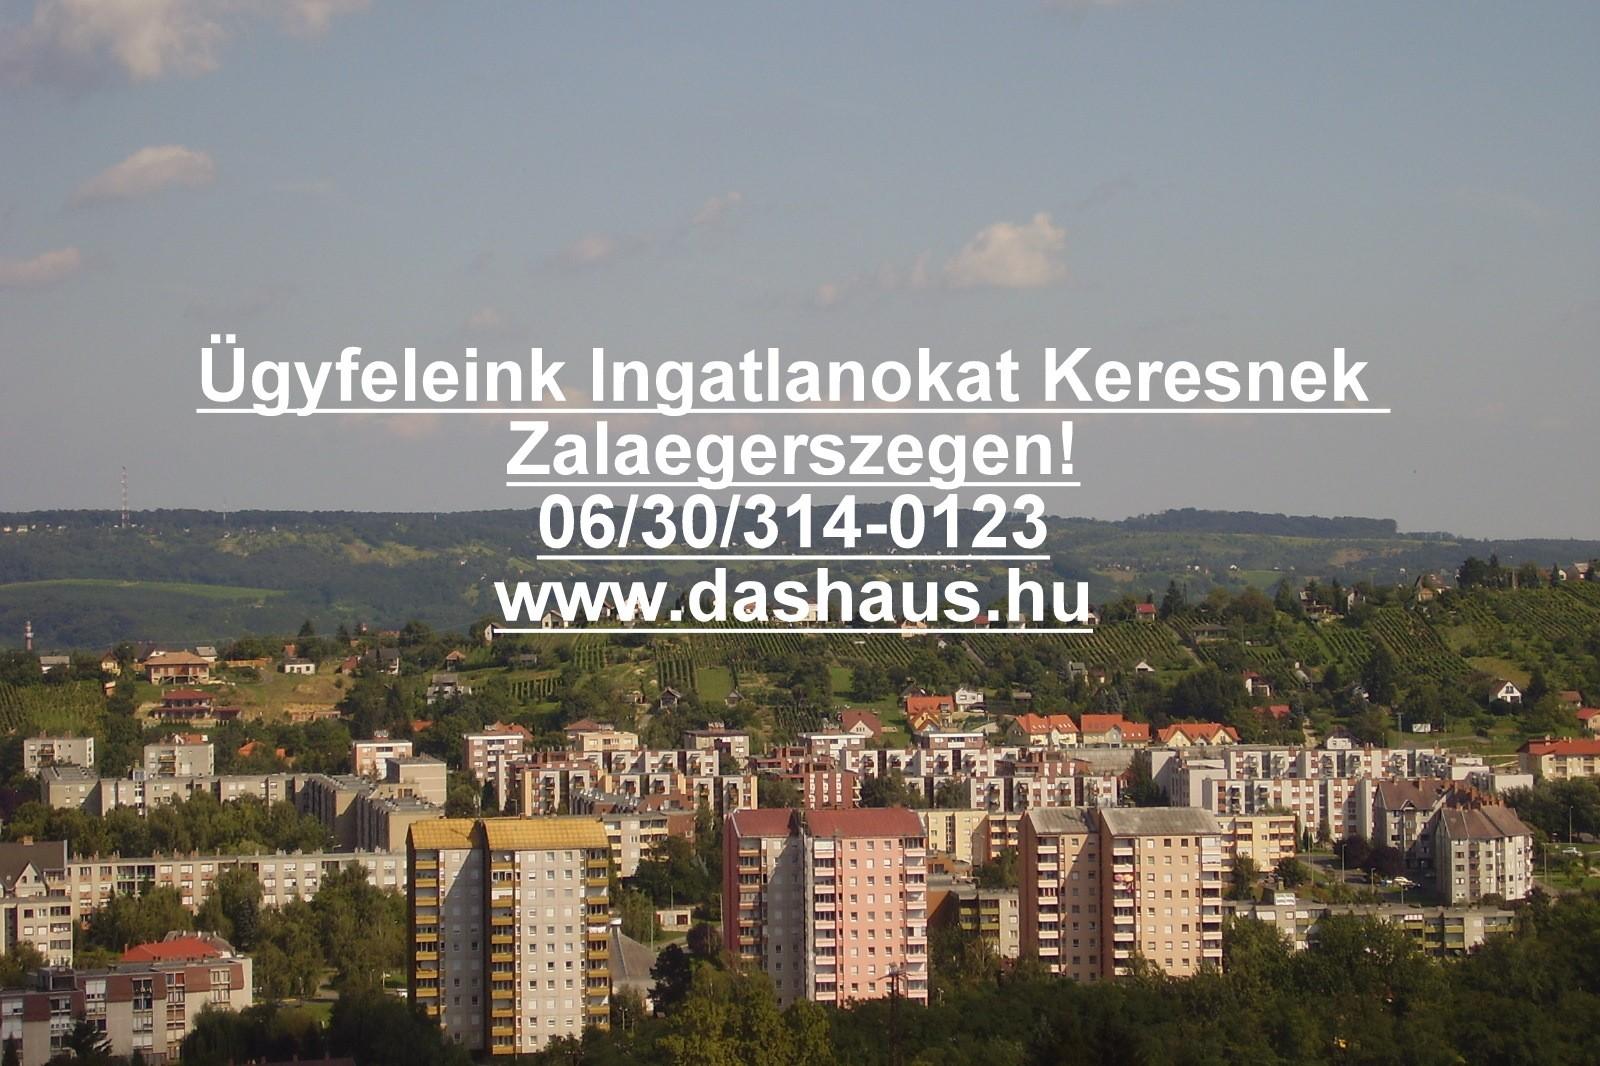 Eladó lakás, családi ház, Ingatlan Zalaegerszeg, Zala megye – www.dashaus.hu